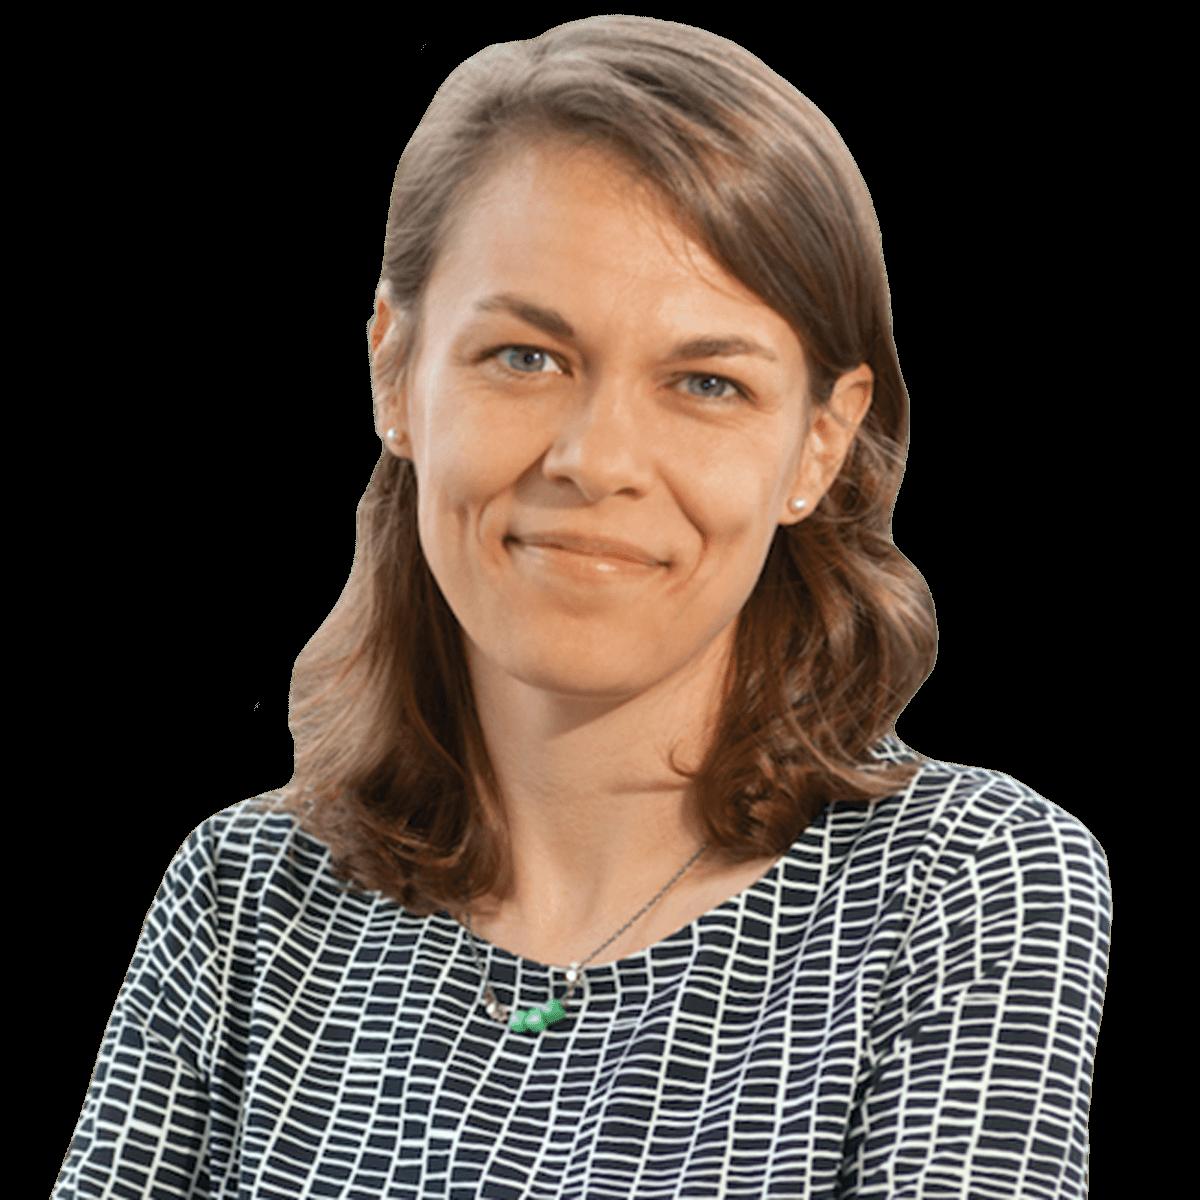 Ingrid Hägele